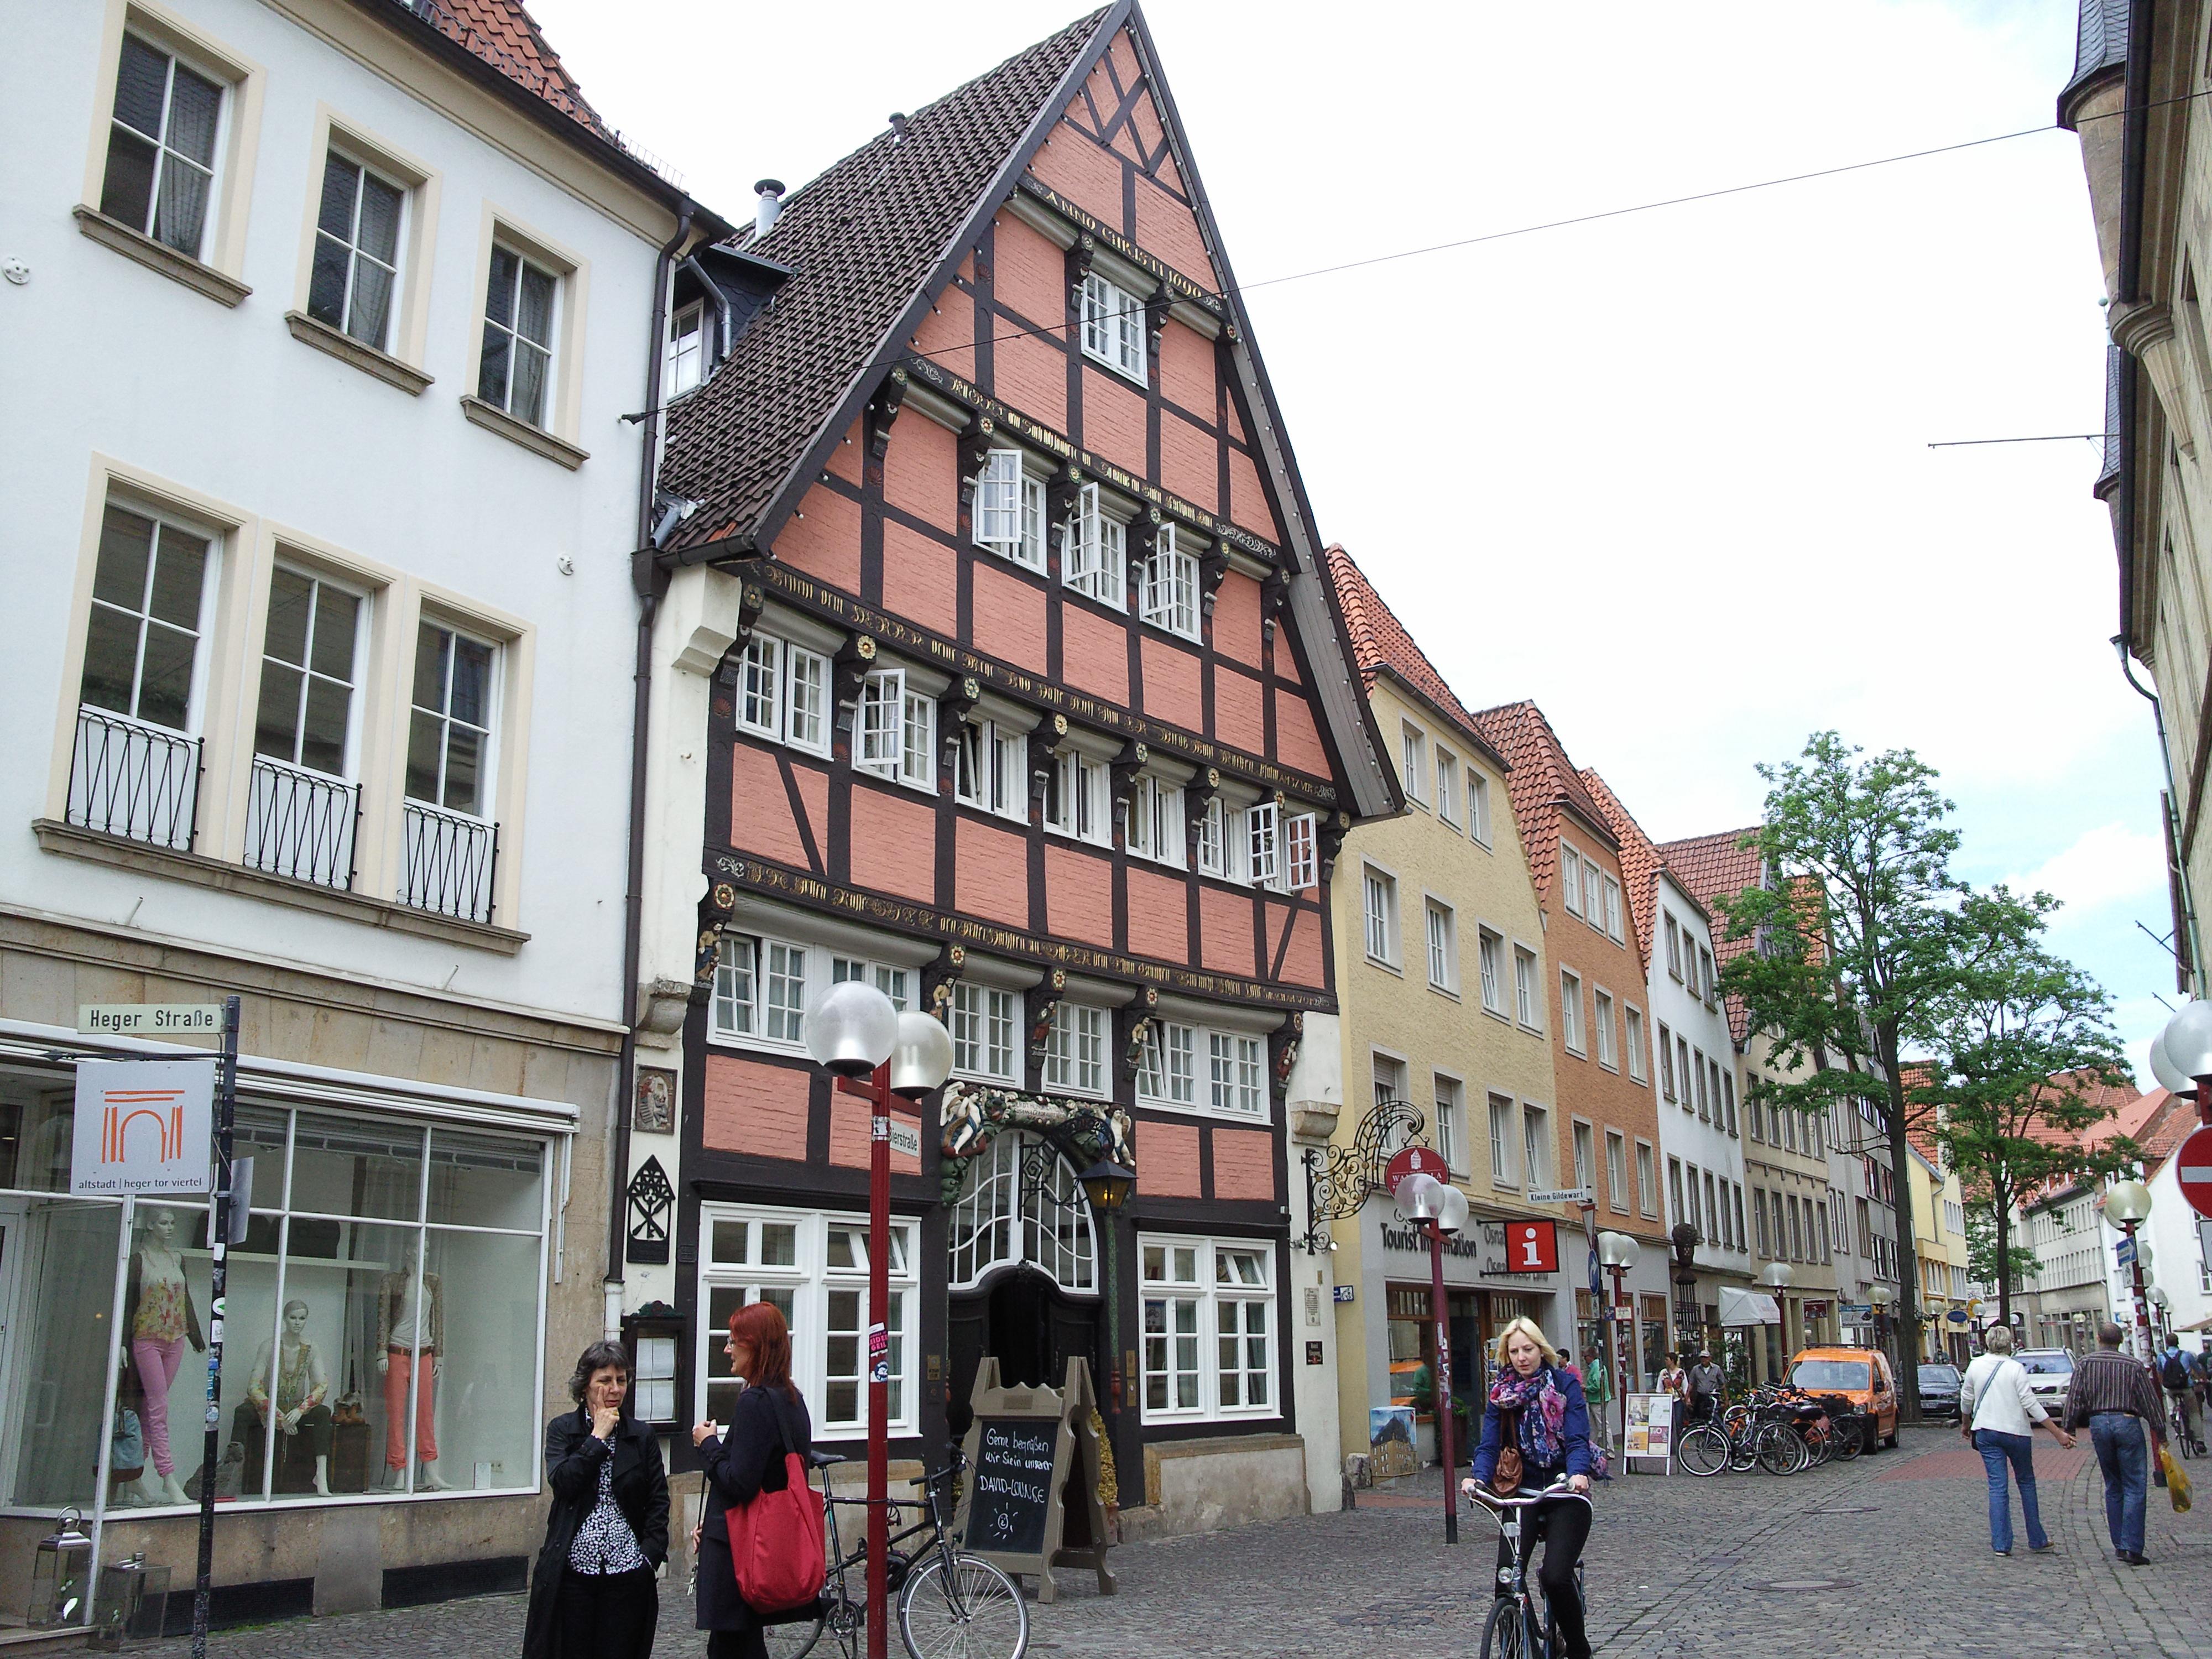 Bekjente søkt i Osnabrück